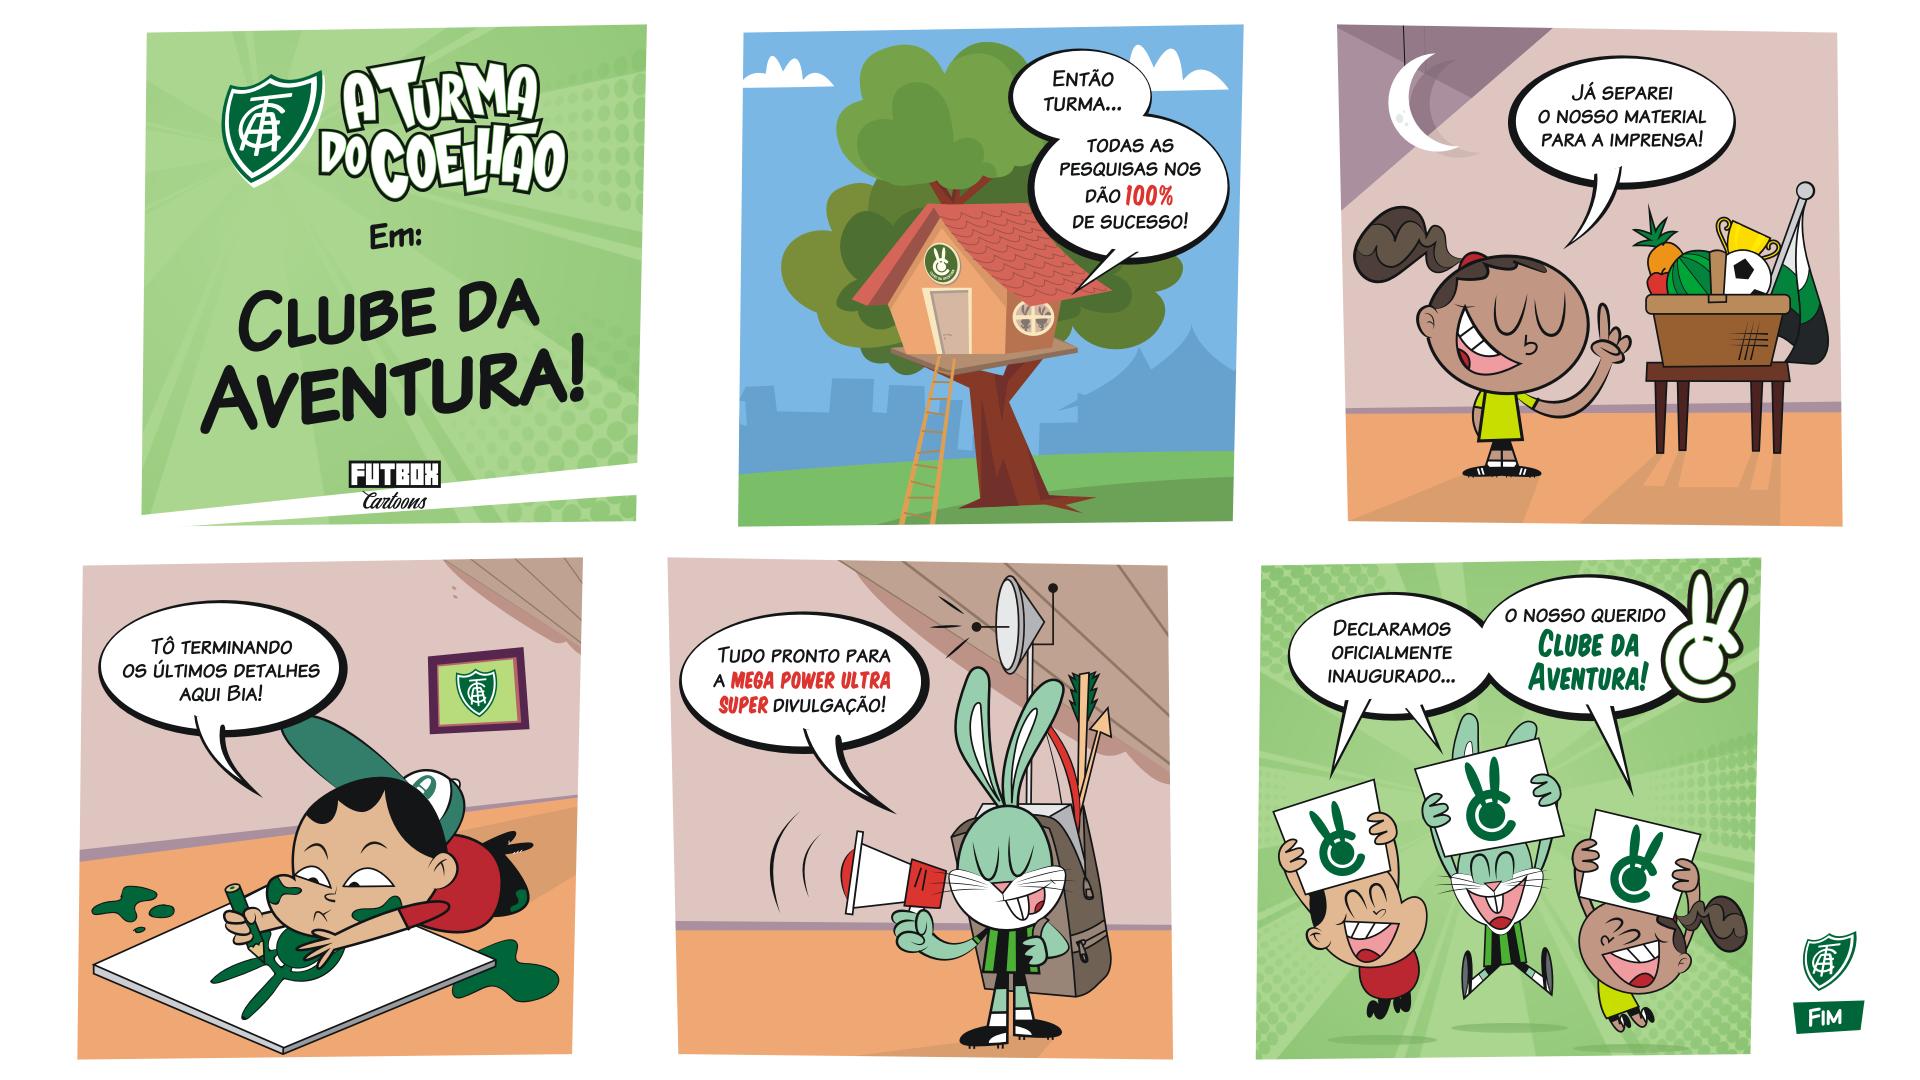 """""""A Turma do Coelhão"""" e """"Clube da Aventura"""": duas marcas enriquecendo o mesmo projeto."""